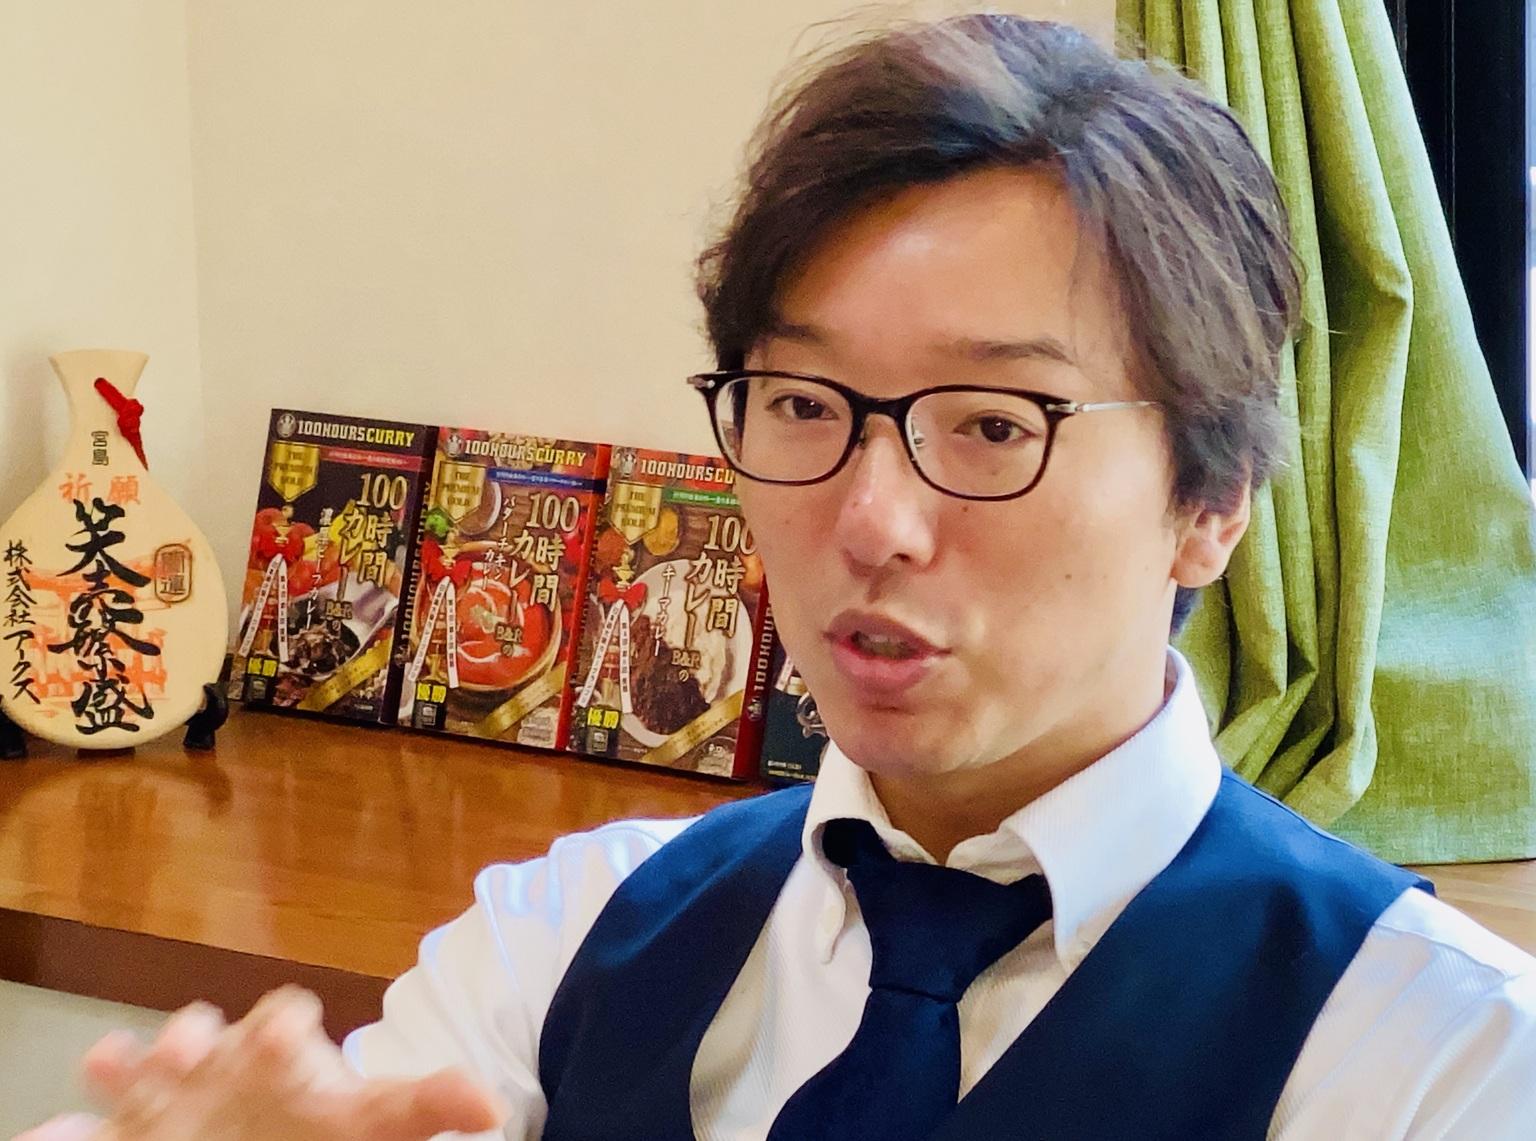 株式会社アークス 代表取締役 米田周平 氏